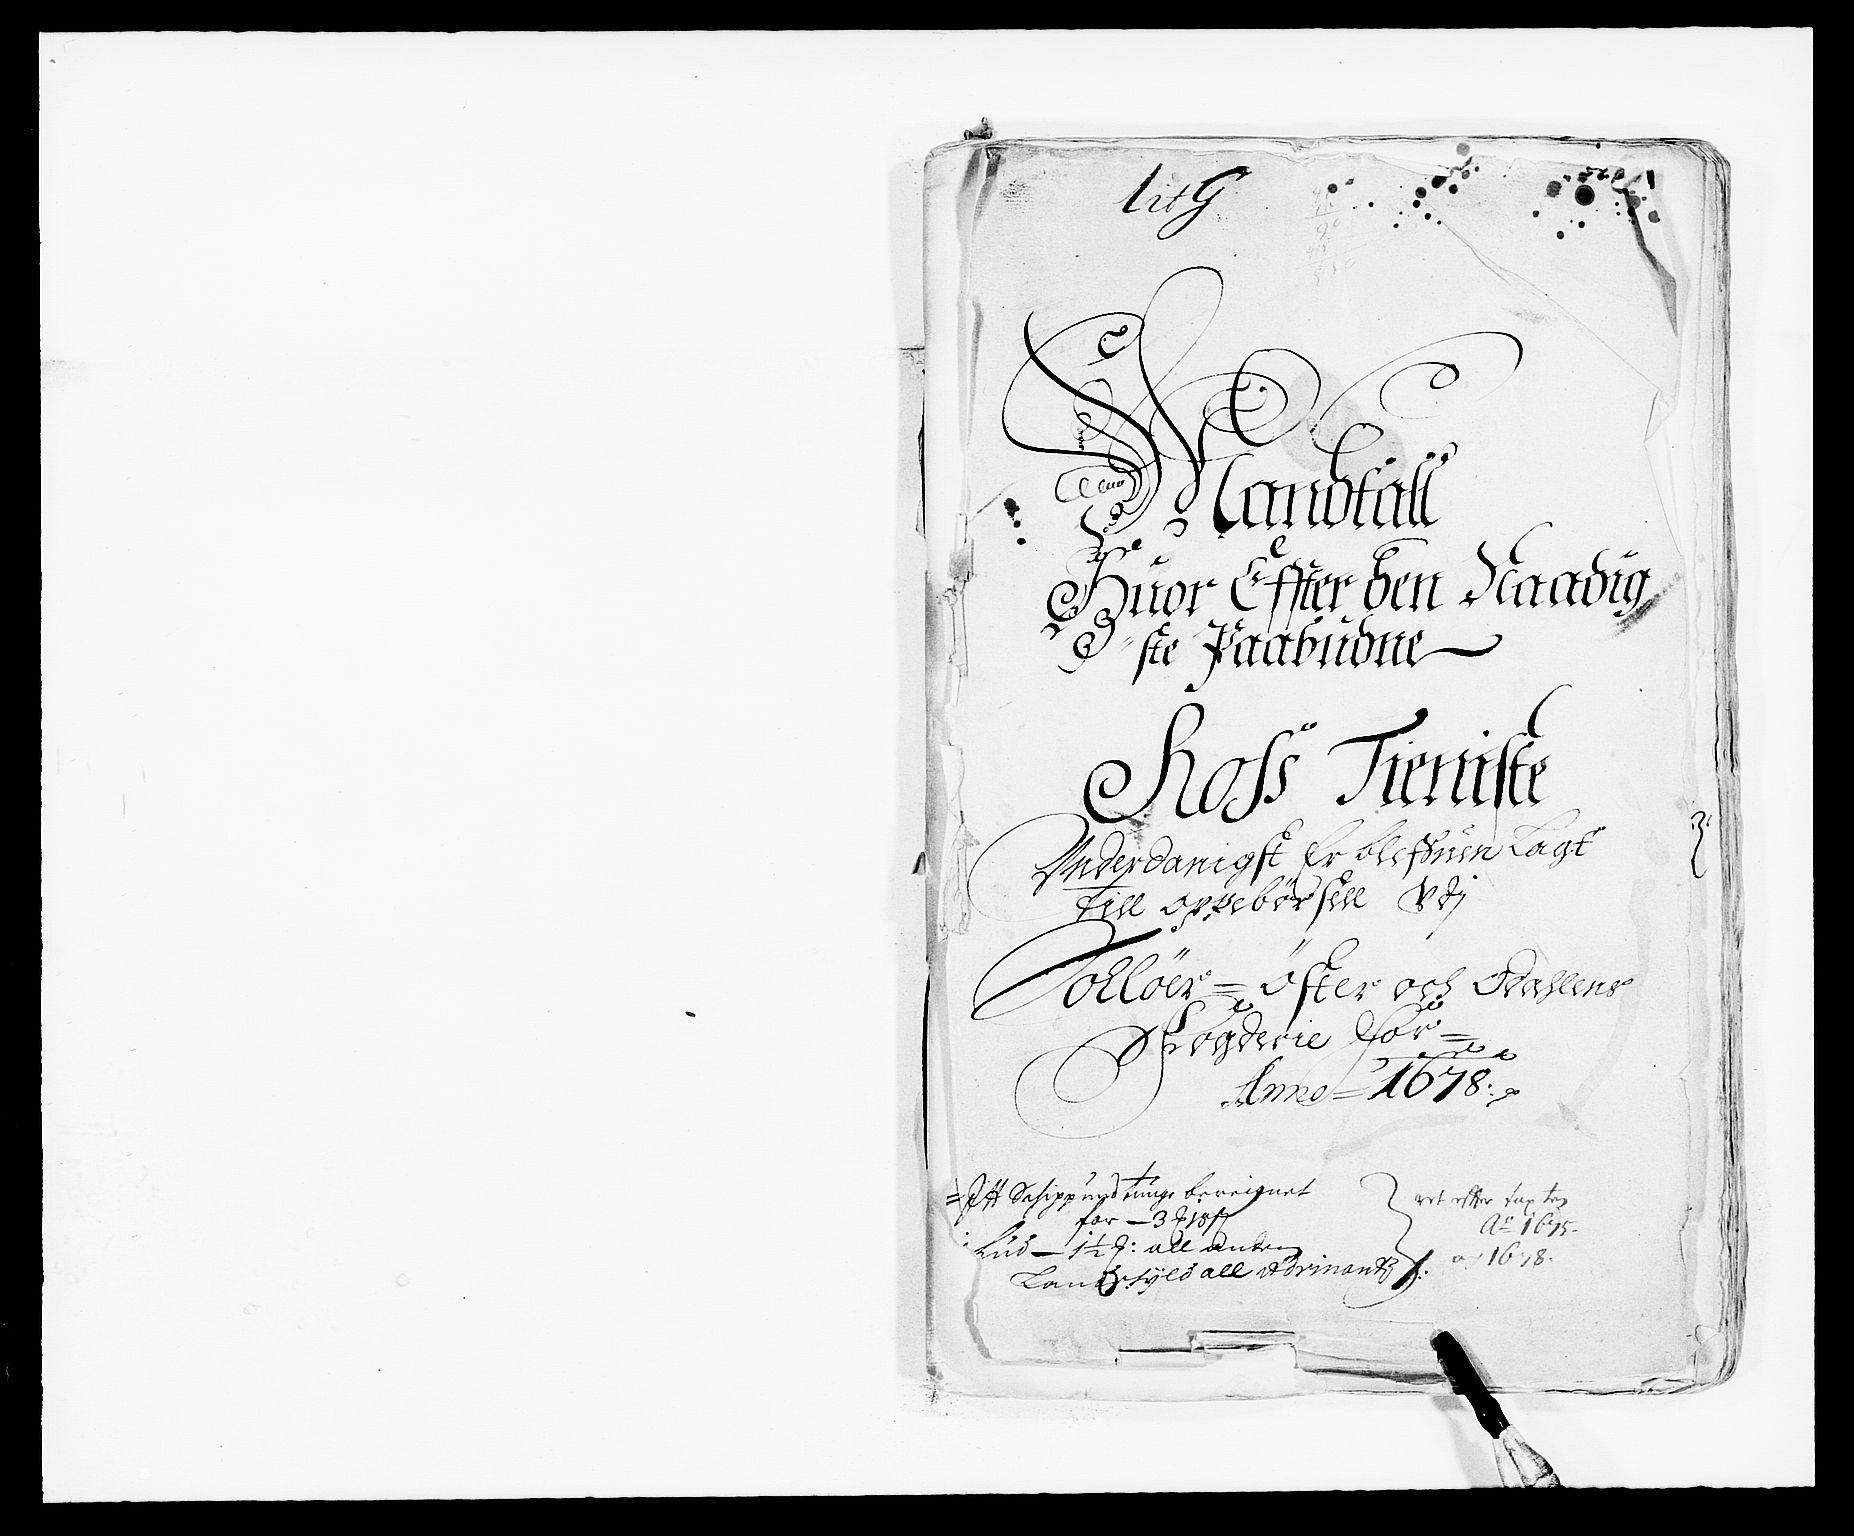 RA, Rentekammeret inntil 1814, Reviderte regnskaper, Fogderegnskap, R13/L0815: Fogderegnskap Solør, Odal og Østerdal, 1678, s. 177